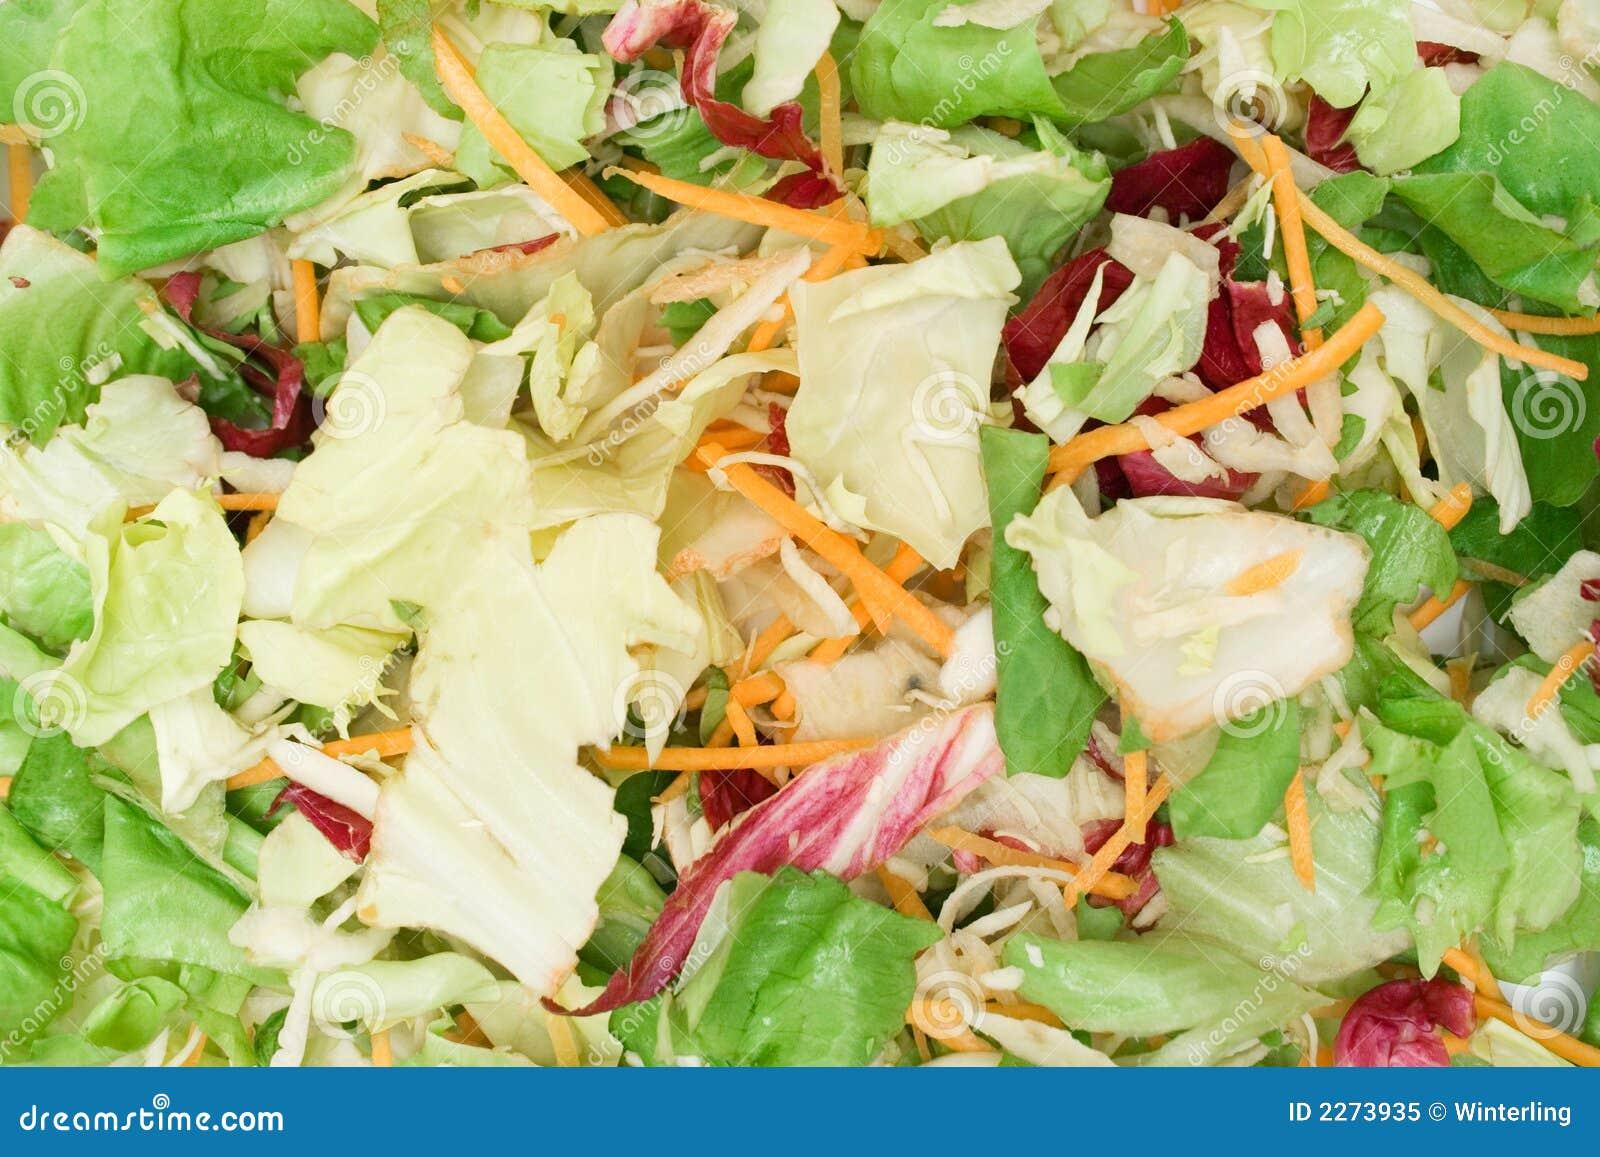 текстура смешанного салата